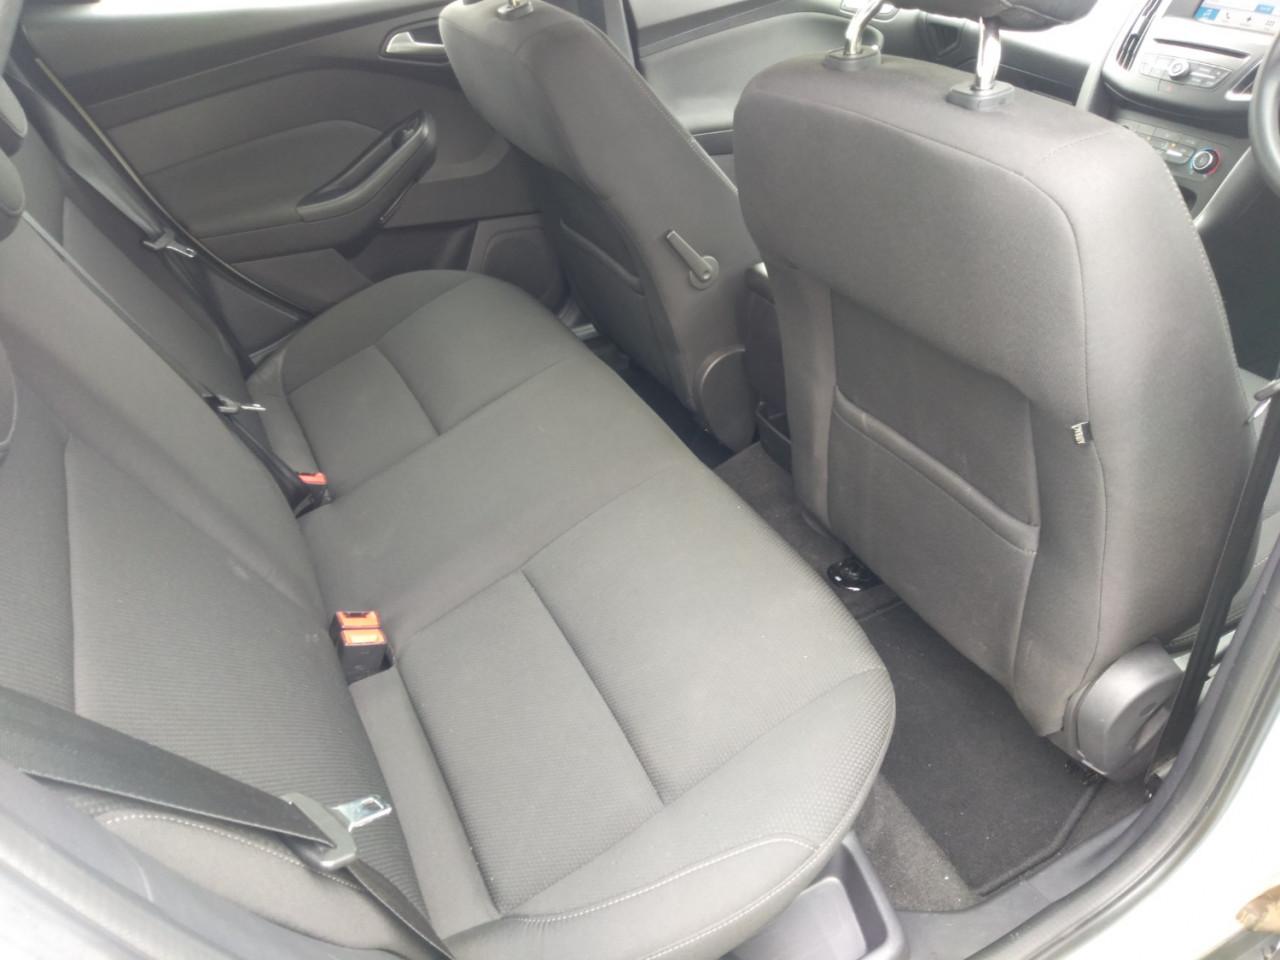 2017 Ford Focus LZ TREND Hatchback Image 7